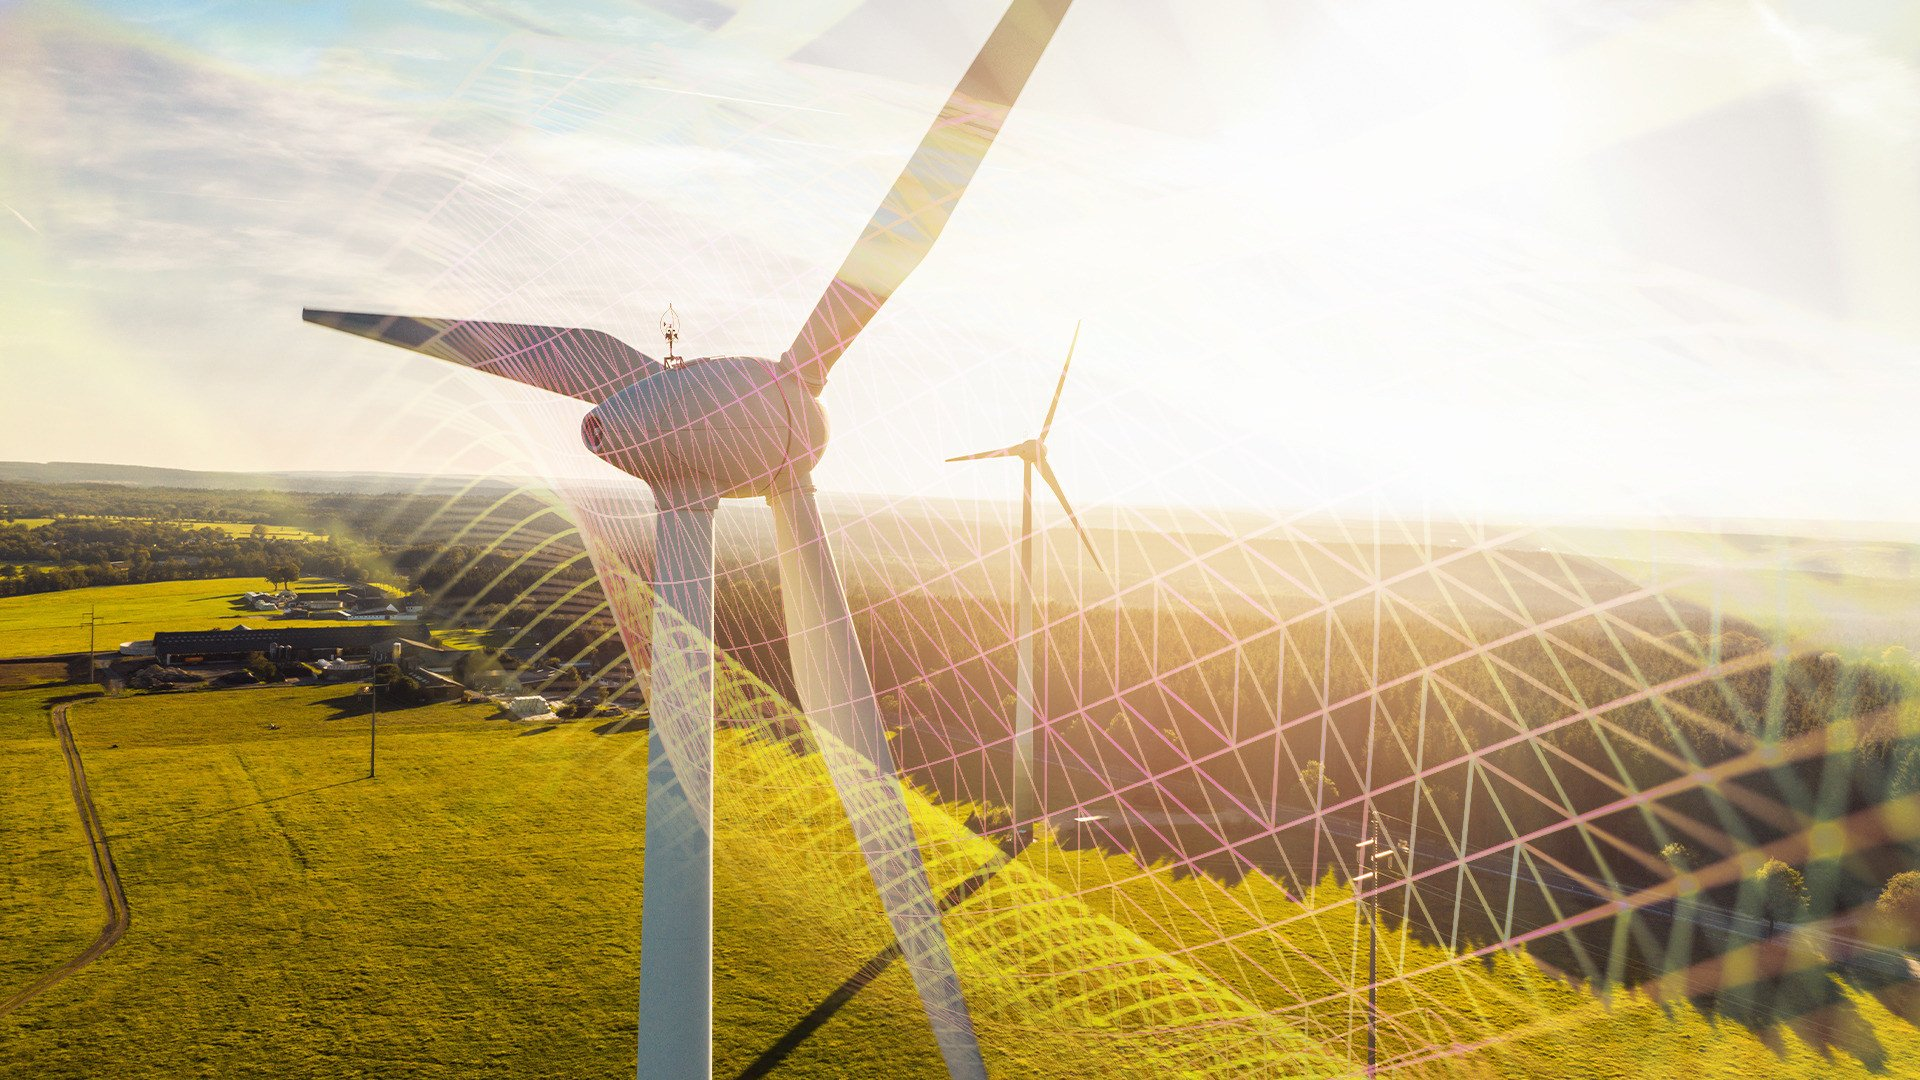 Energie, Strom, Stromversorgung, Umwelt, Umweltschutz, ökostrom, Stromnetz, Umweltfreundlich, Windkraft, Windenergie, wind, Stromerzeugung, Windenergieanlage, Windanlage, Windkraftanlage